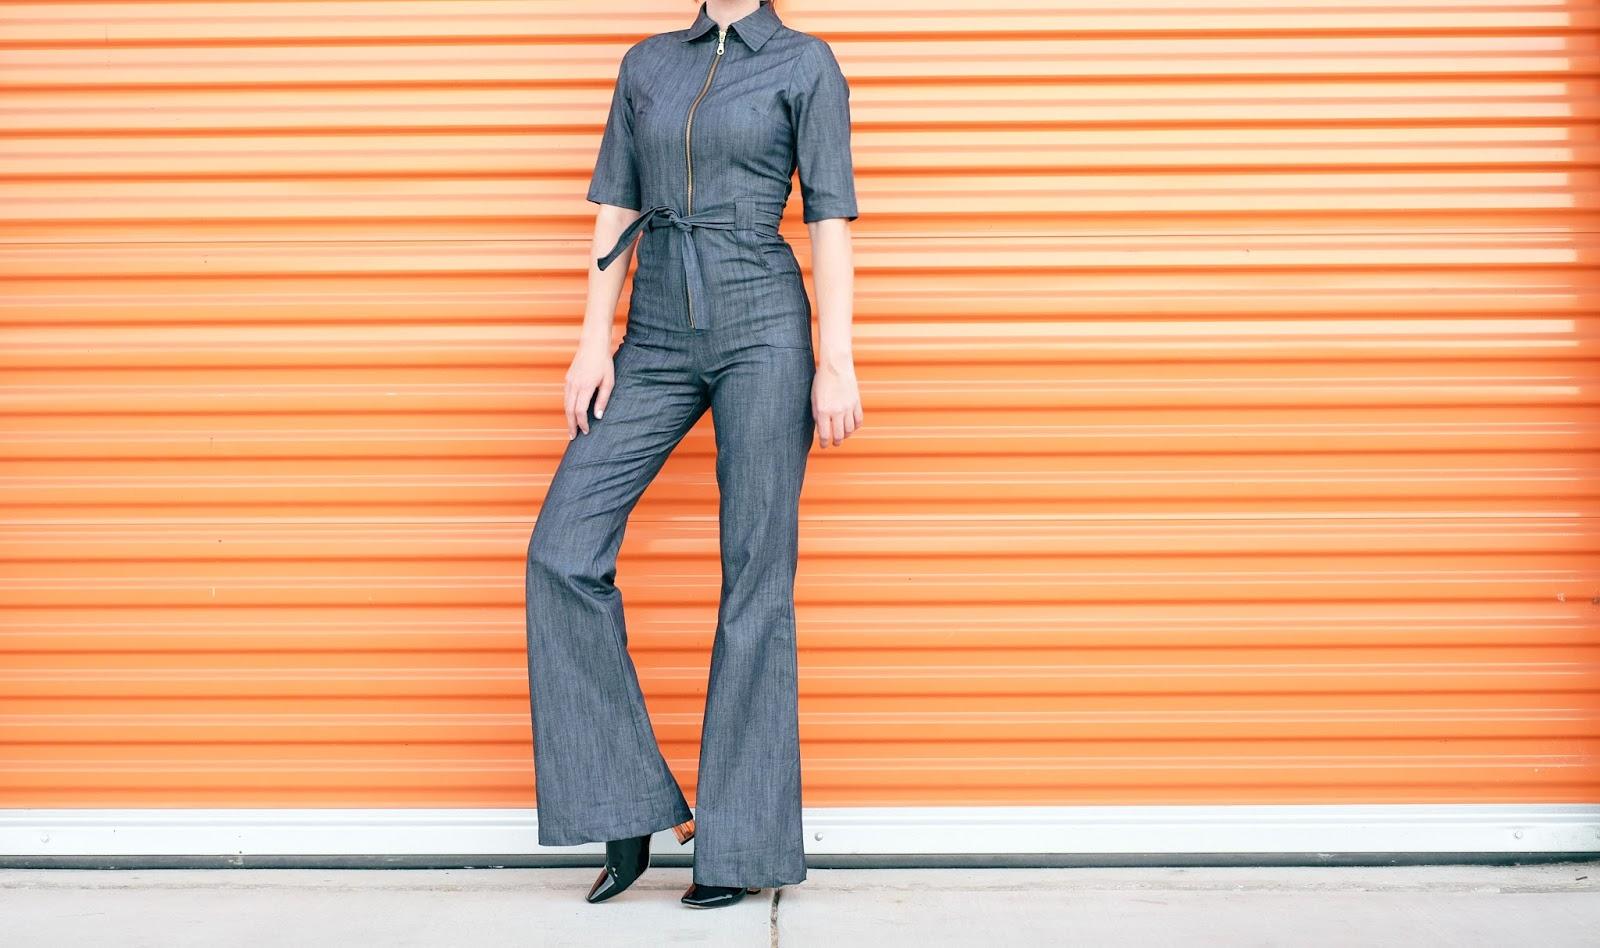 Denim Jumpsuit & Boots // - A Fashion Nerd